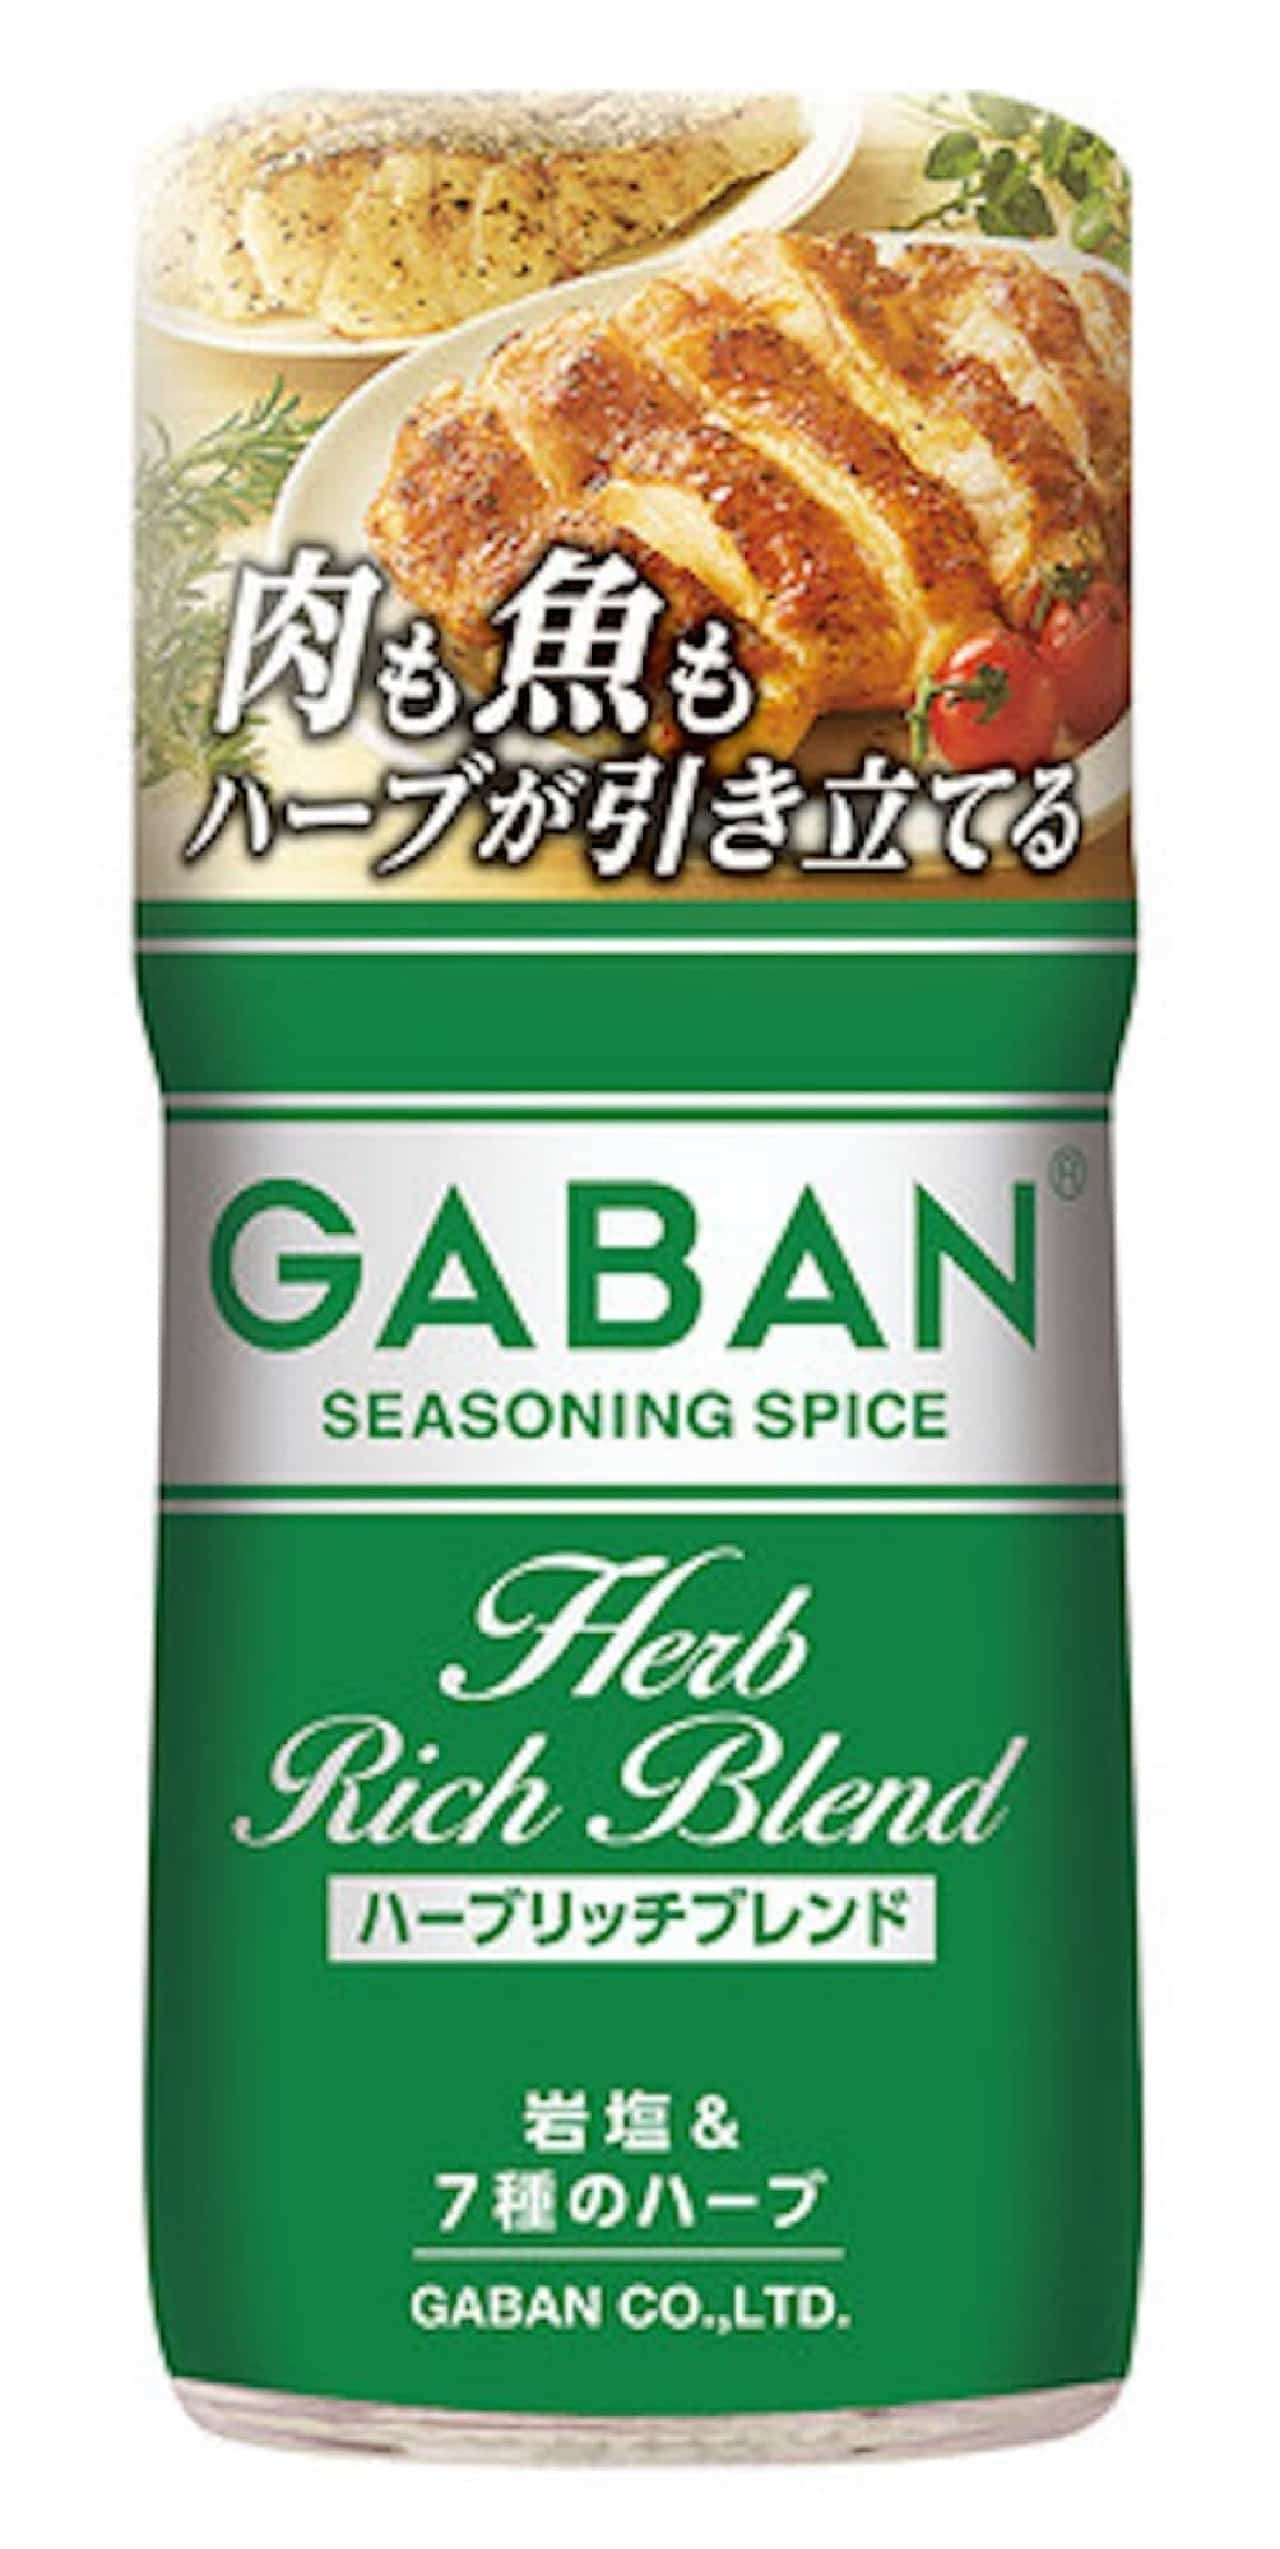 ハウス食品「GABAN ハーブリッチブレンド」